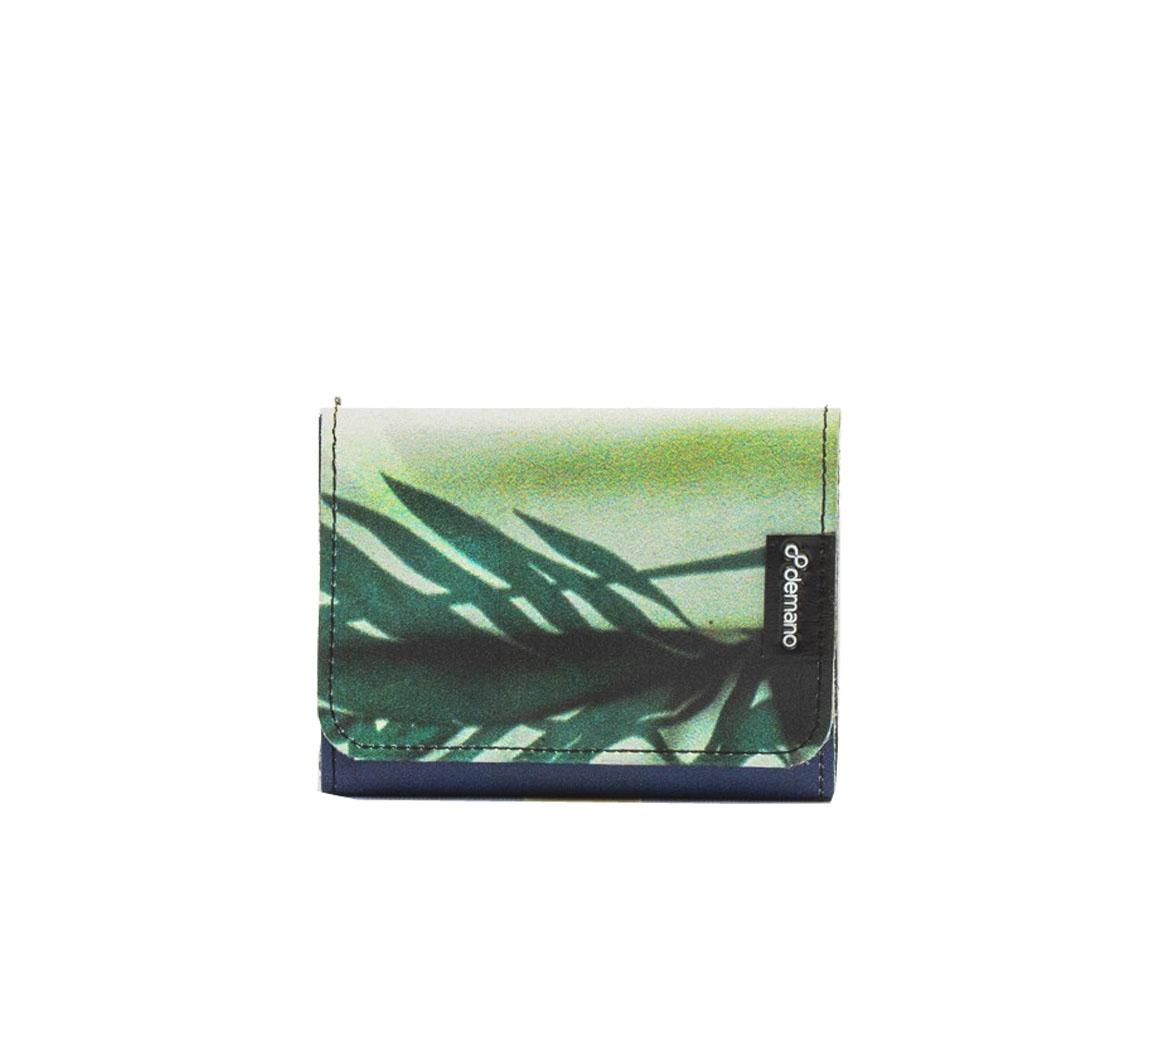 Portefeuille vegan en bache recyclee Porte-cartes Caterina